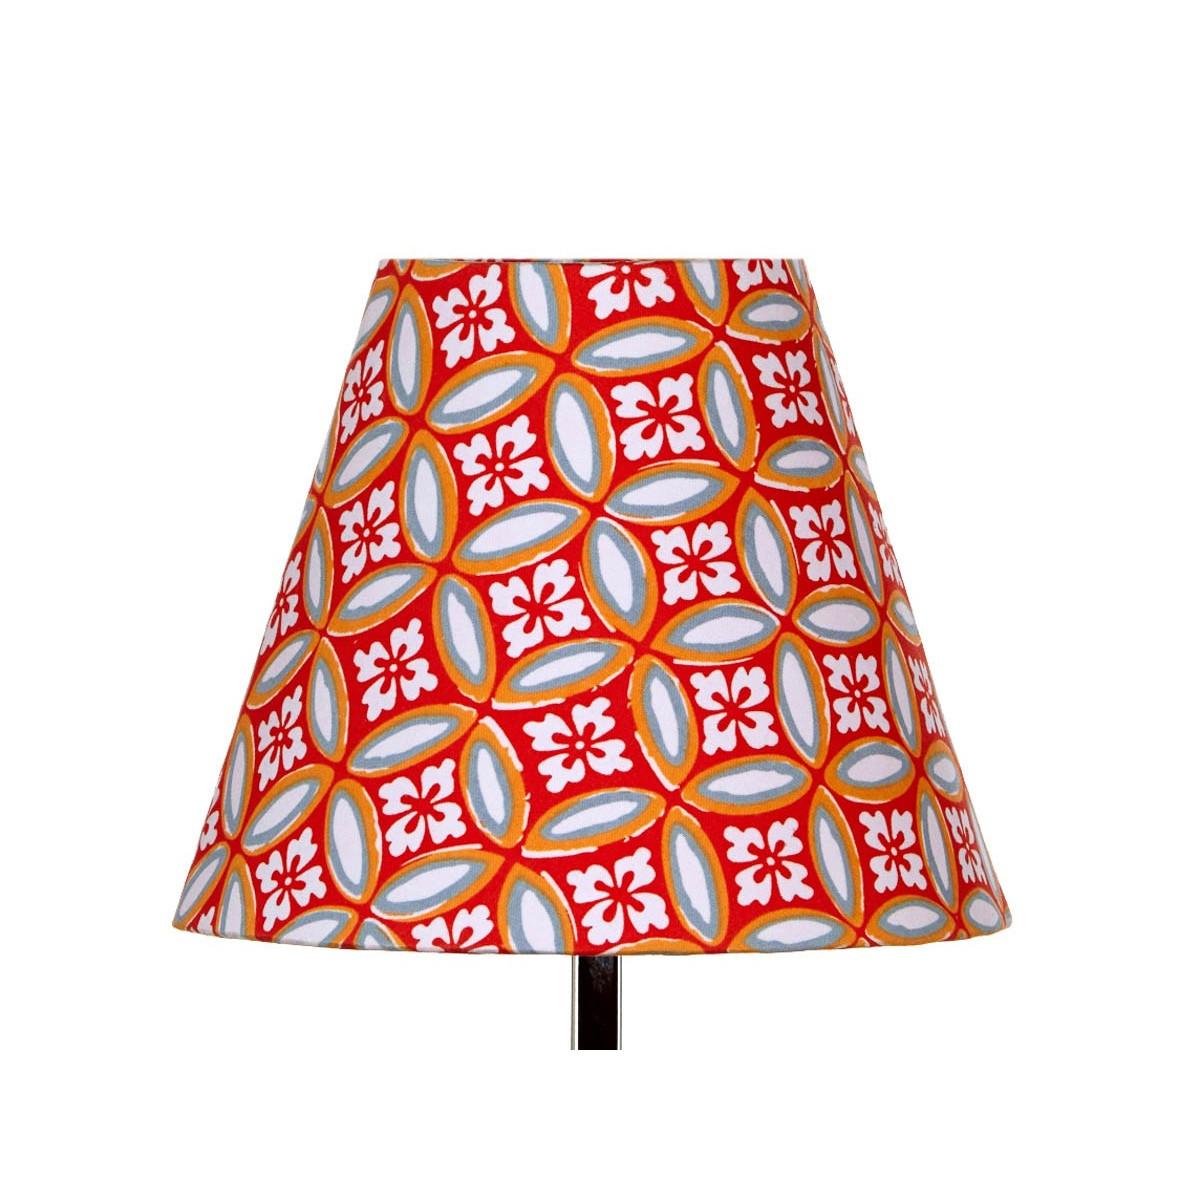 Abat jour lampe de chevet tissu orange